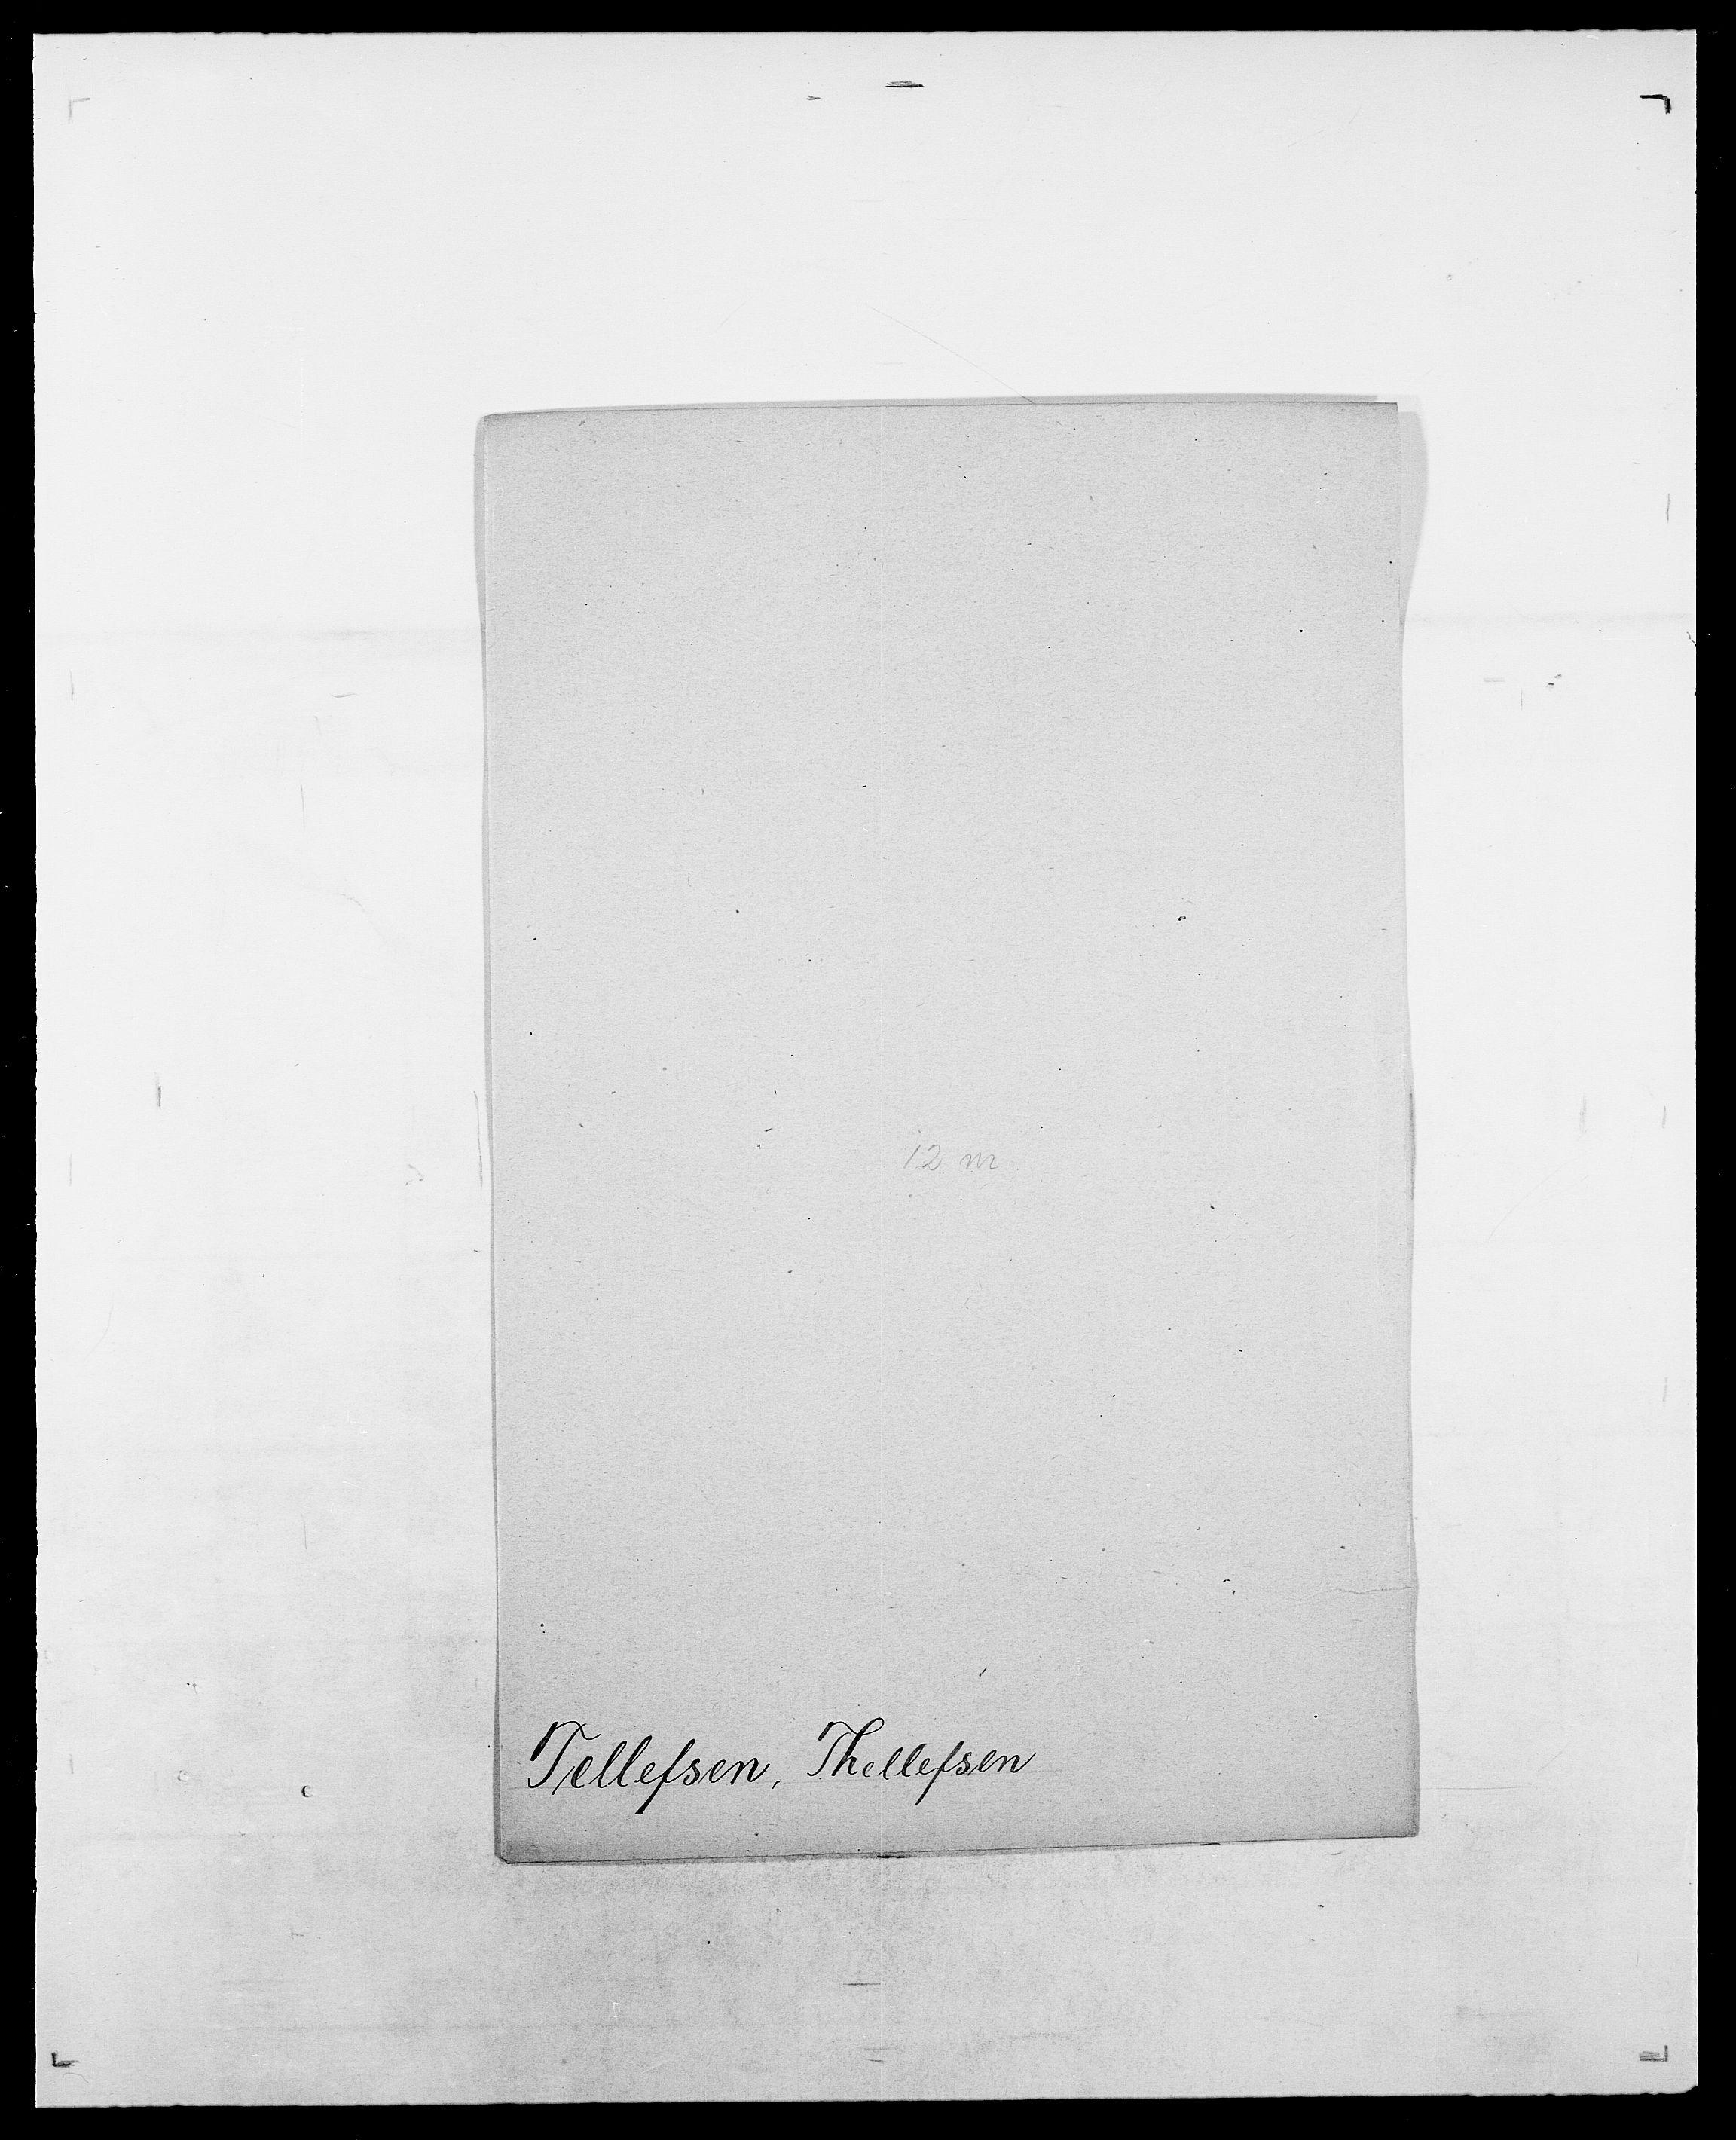 SAO, Delgobe, Charles Antoine - samling, D/Da/L0038: Svanenskjold - Thornsohn, s. 386